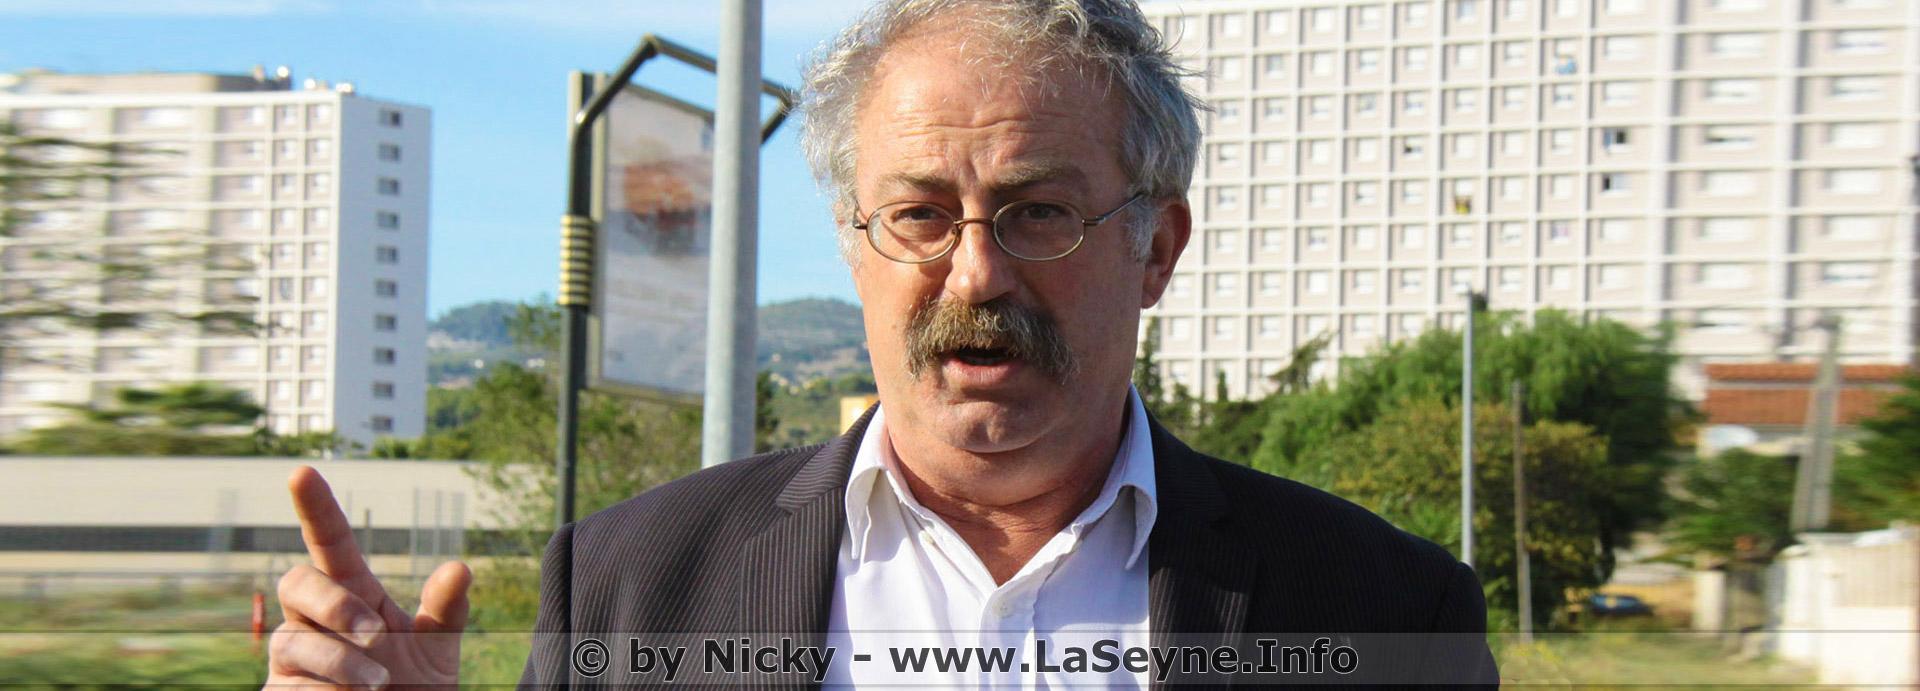 Marc Vuillemot: Polices nationale et municipale à La Seyne; des Propos choquants et des Contrevérités